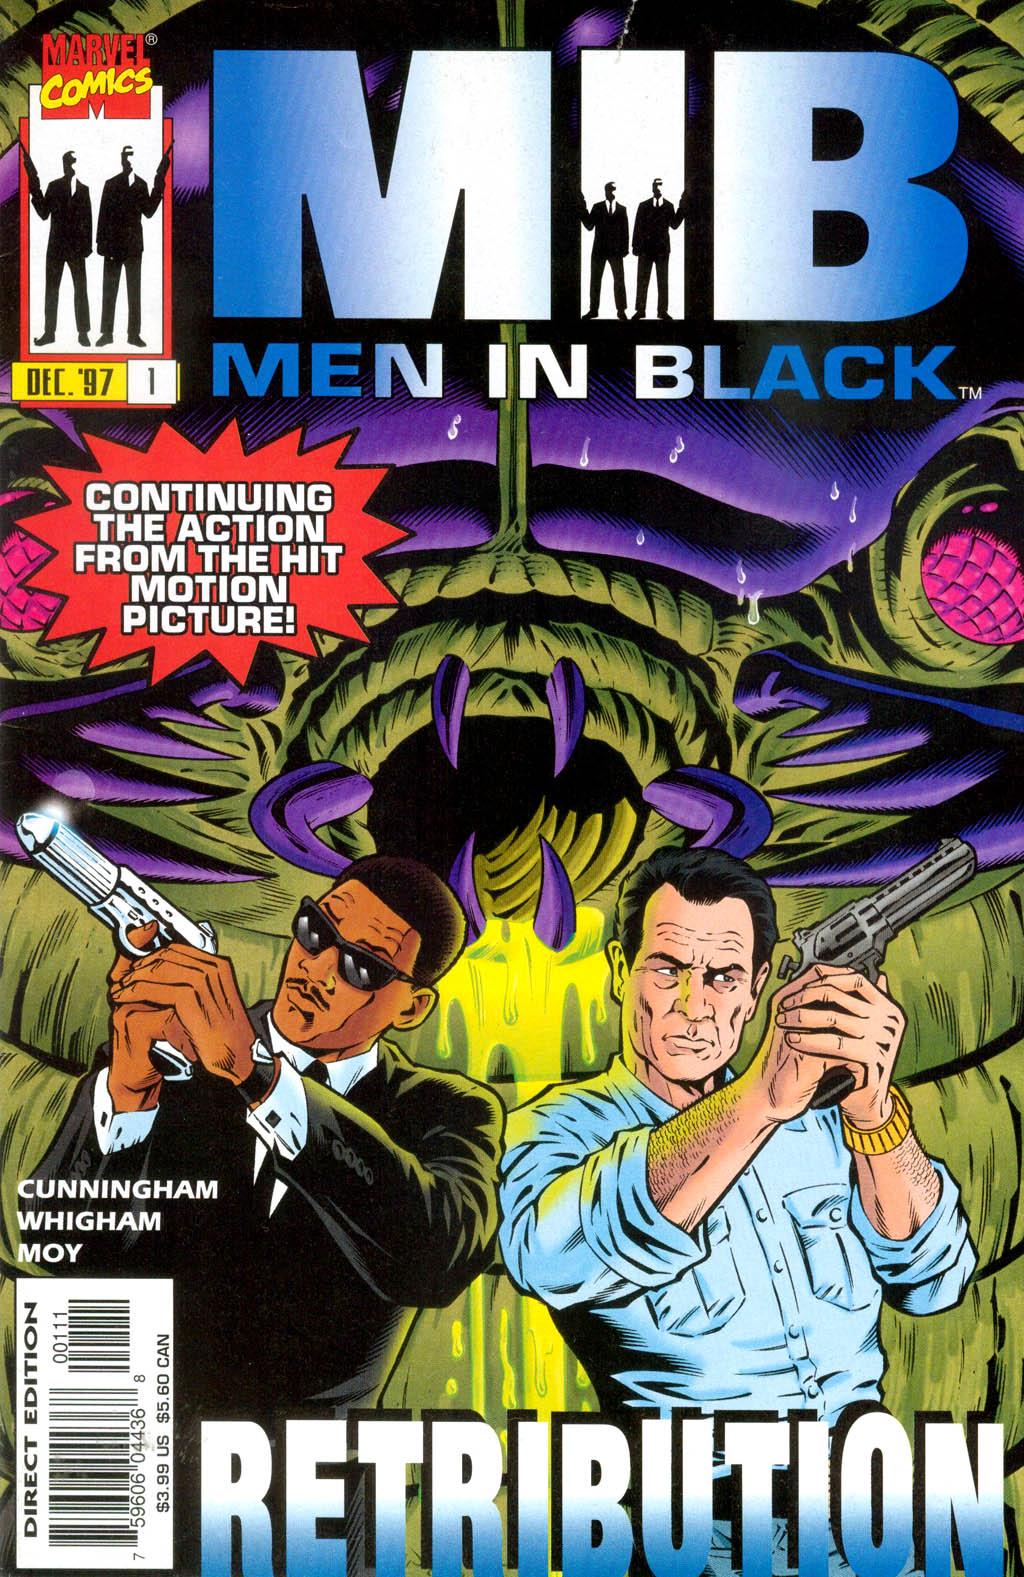 Men in Black: Retribution Vol 1 1